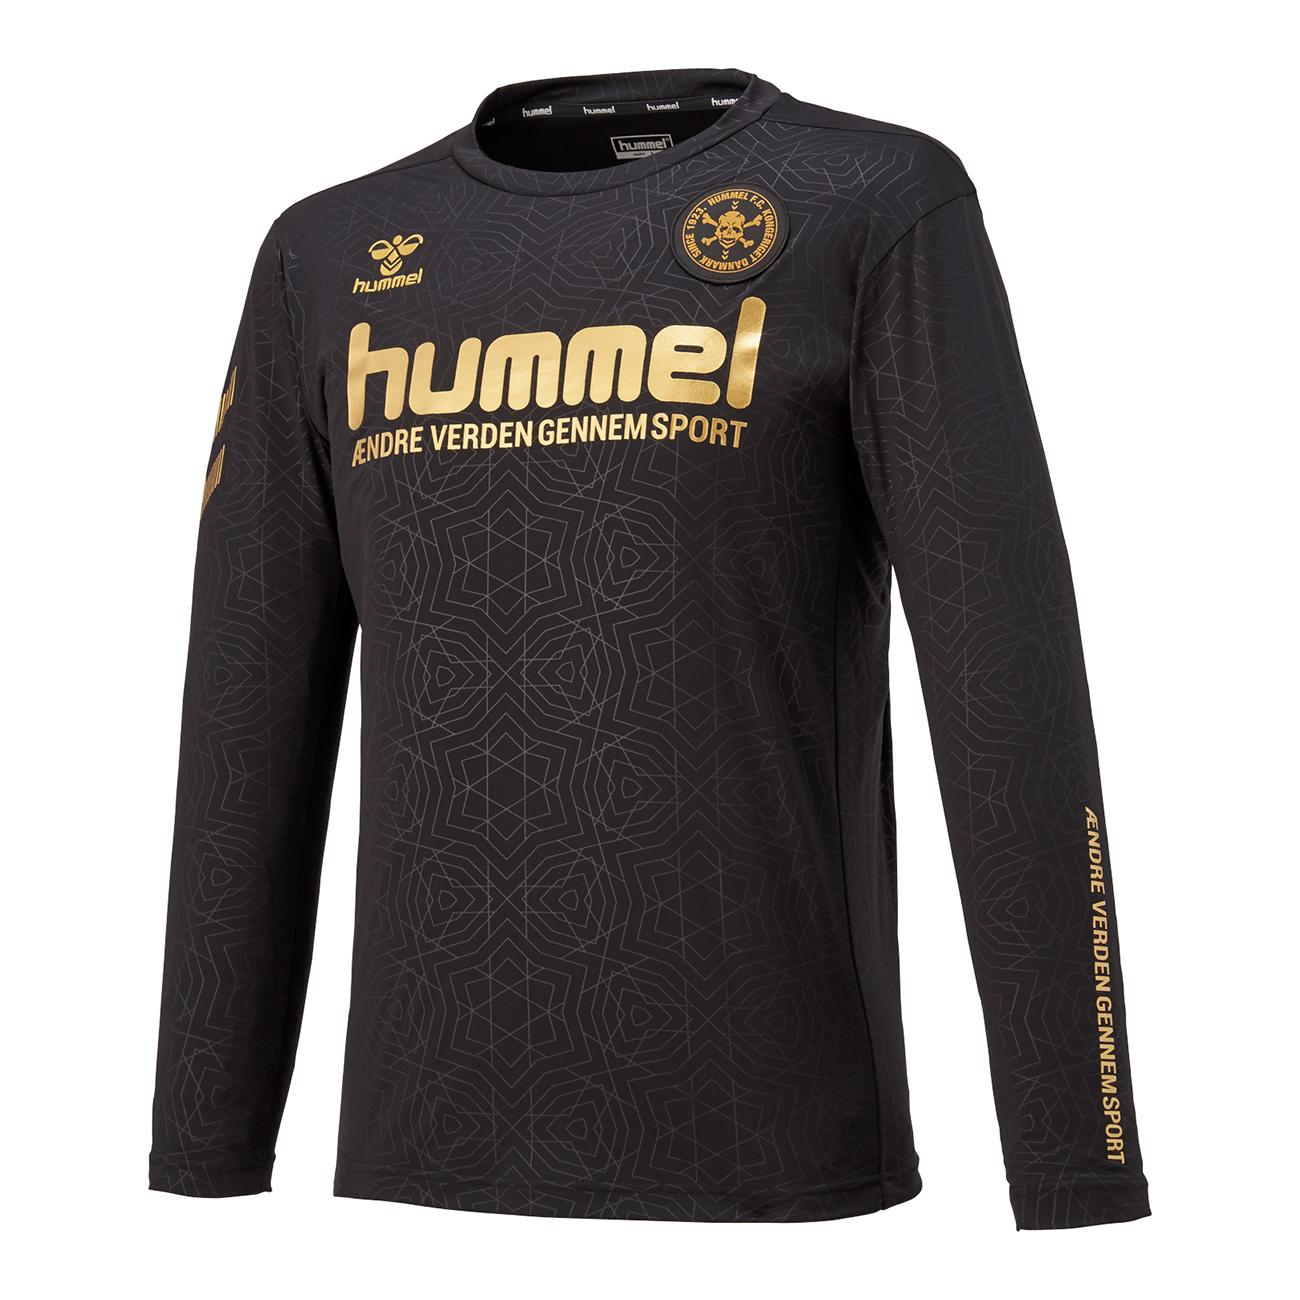 hummel-SPORTSFC.SKULLロングプラクティストップ 黒